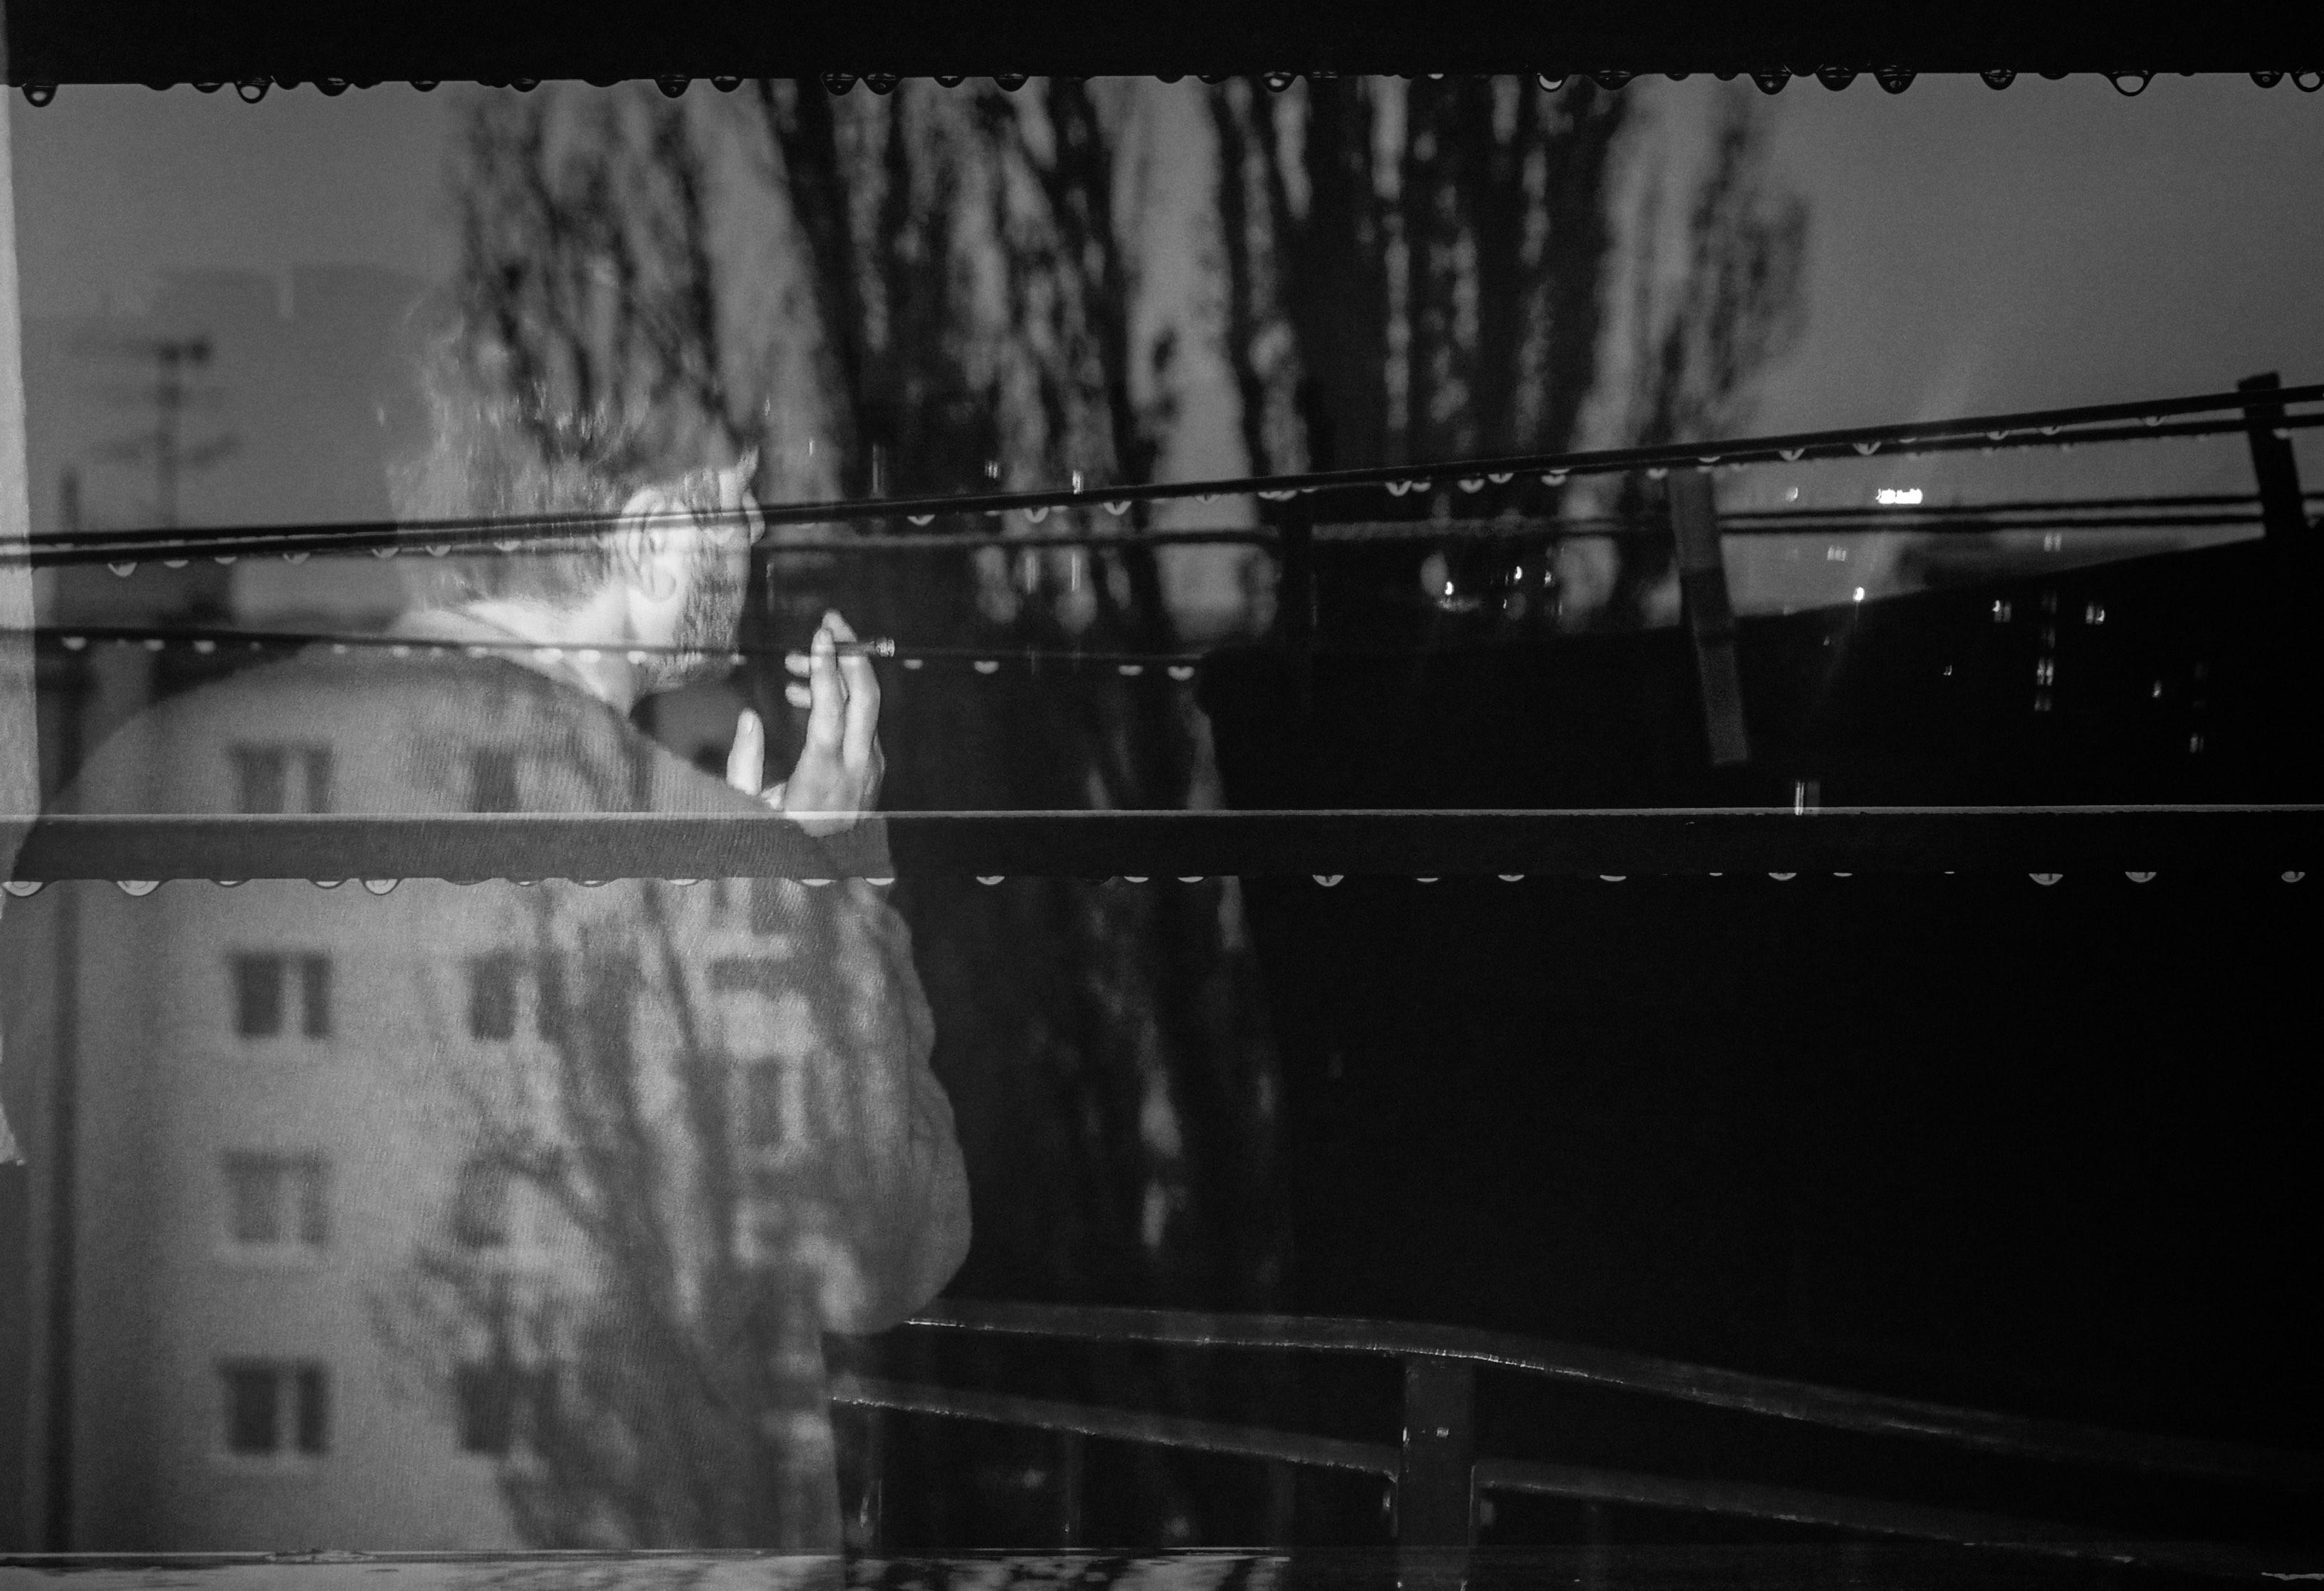 Un uomo, di spalle, dietro ad una finestra - foto © Chai Khana